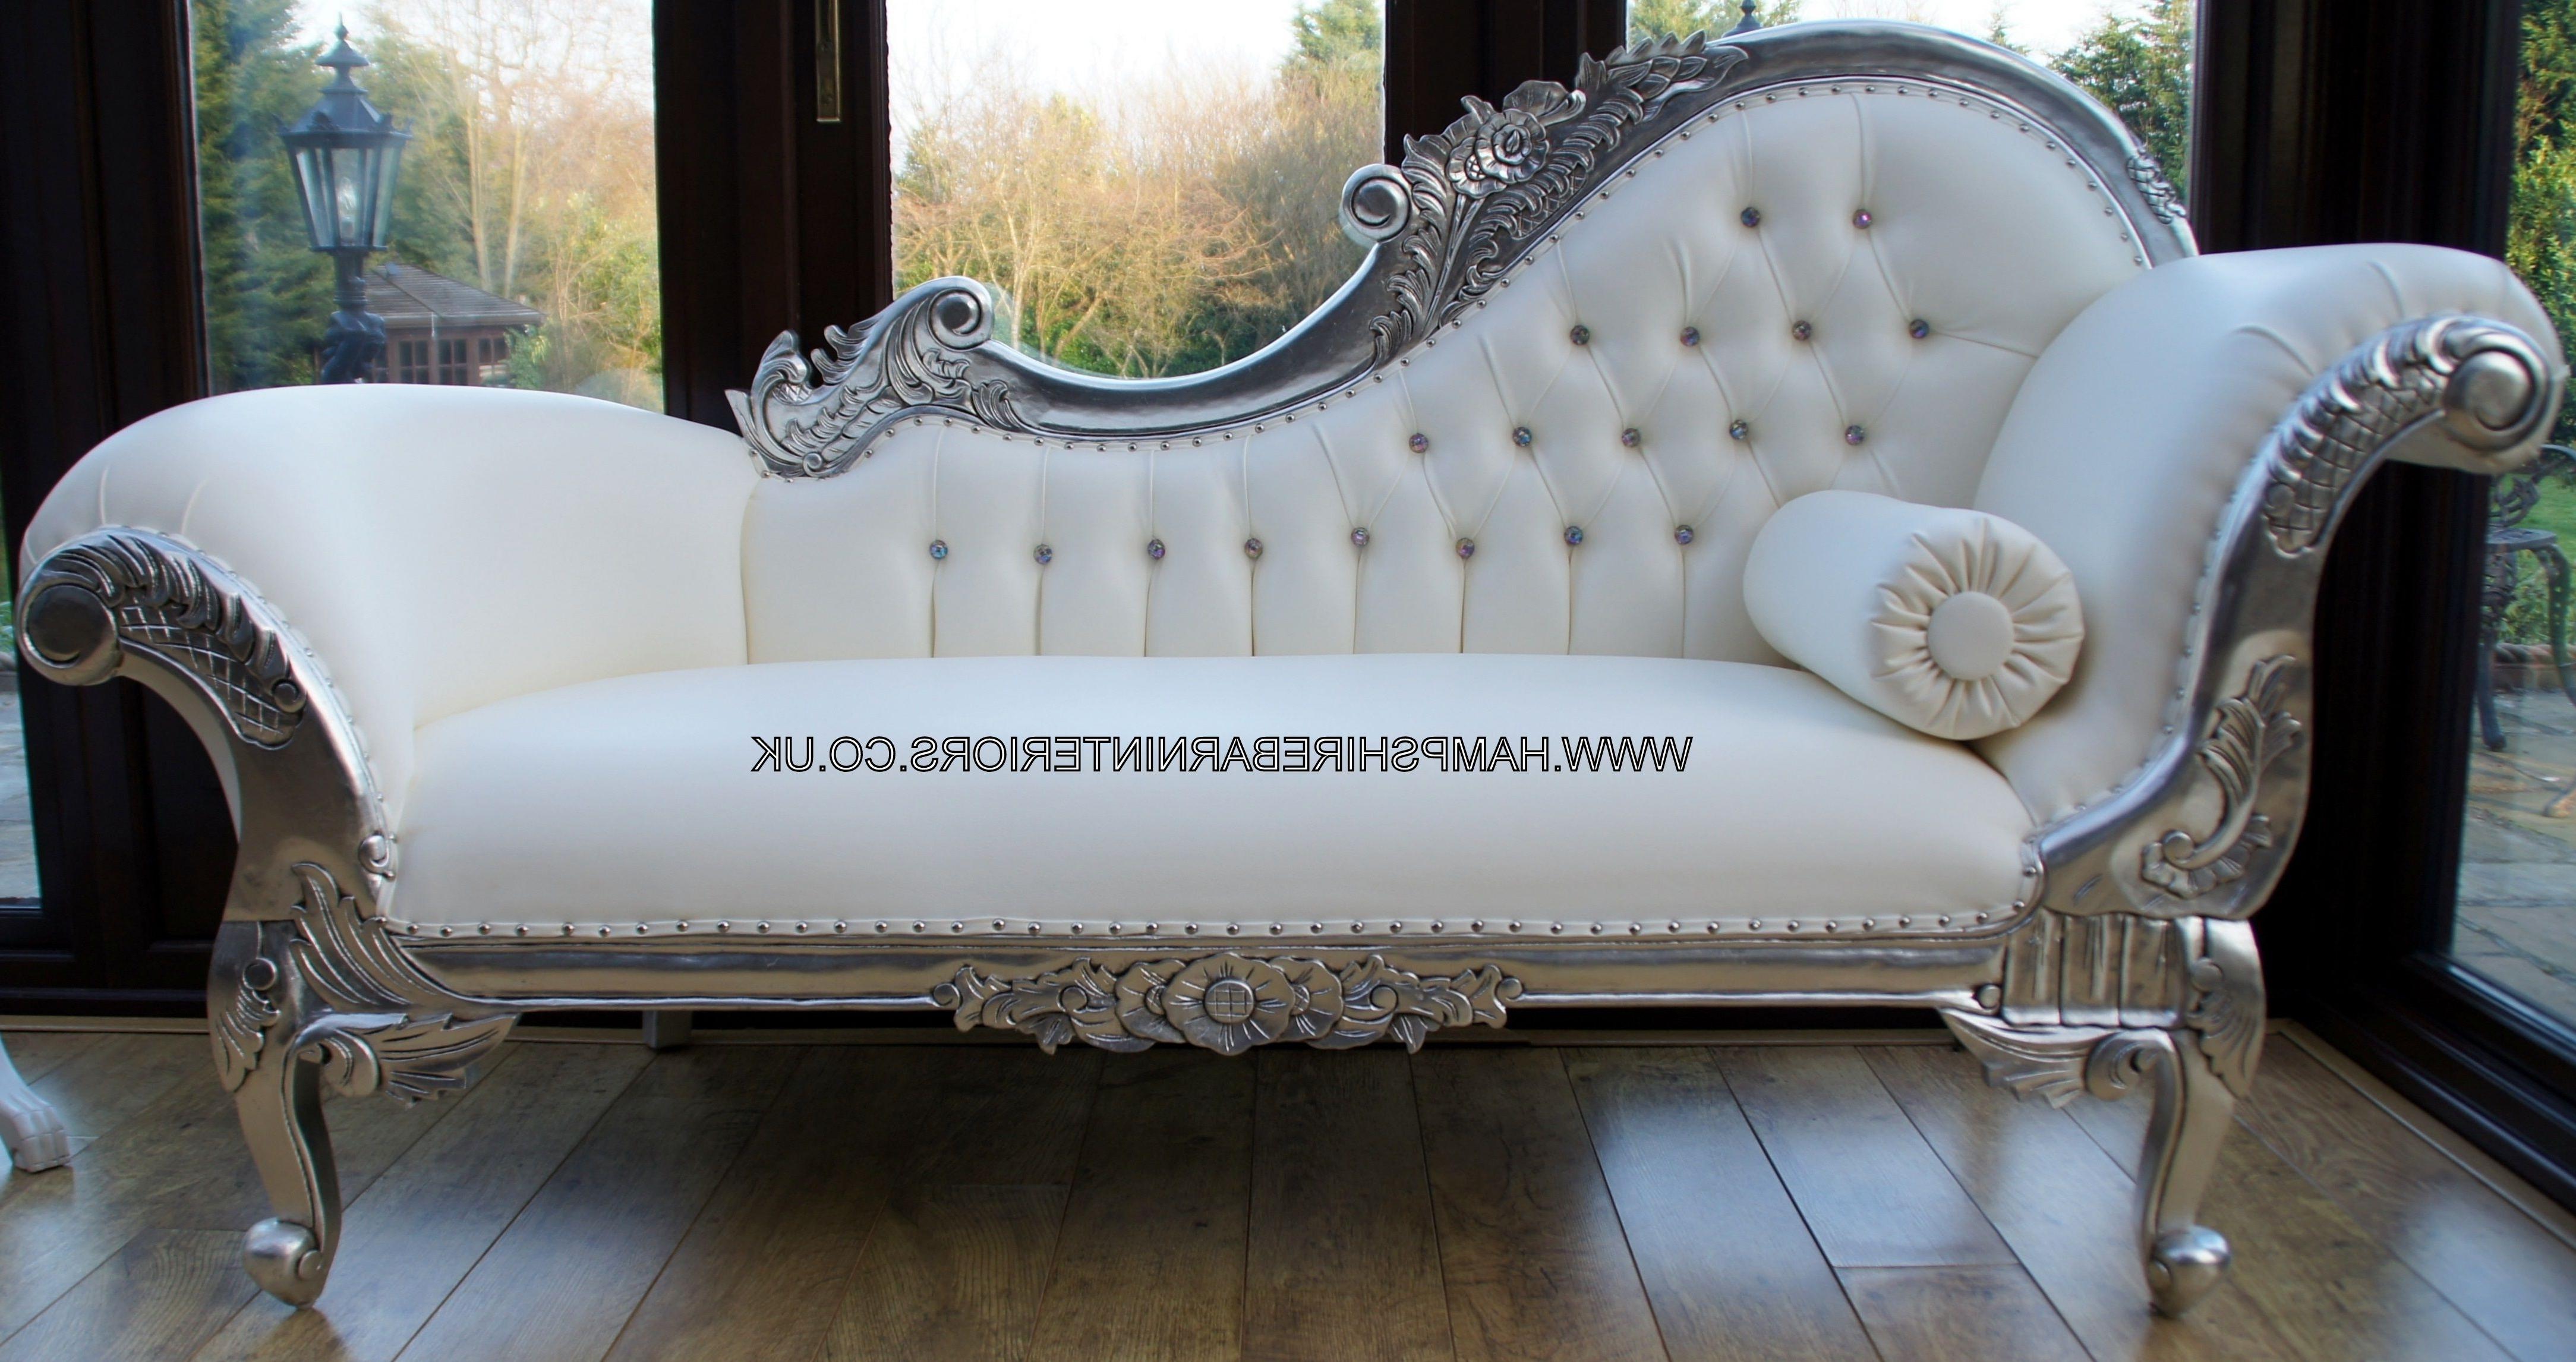 White Chaise Lounges Pertaining To Best And Newest Linda Chaise Lounge Para Maior Conforto Seu Estar Decoração Do (View 2 of 15)